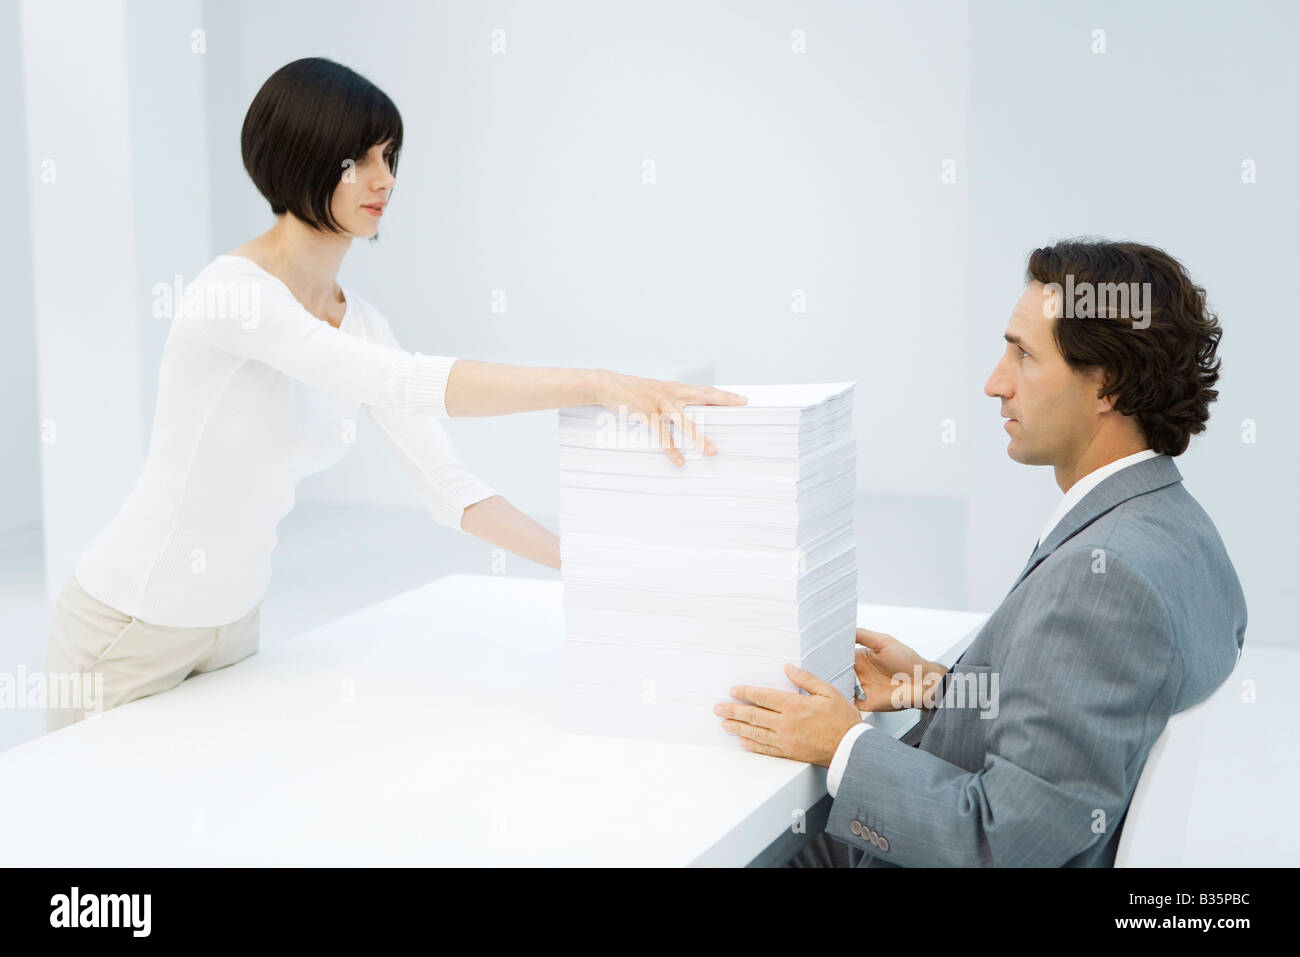 Mujer profesional y empresario intercambiar tall pila de papel a través de escritorio Imagen De Stock